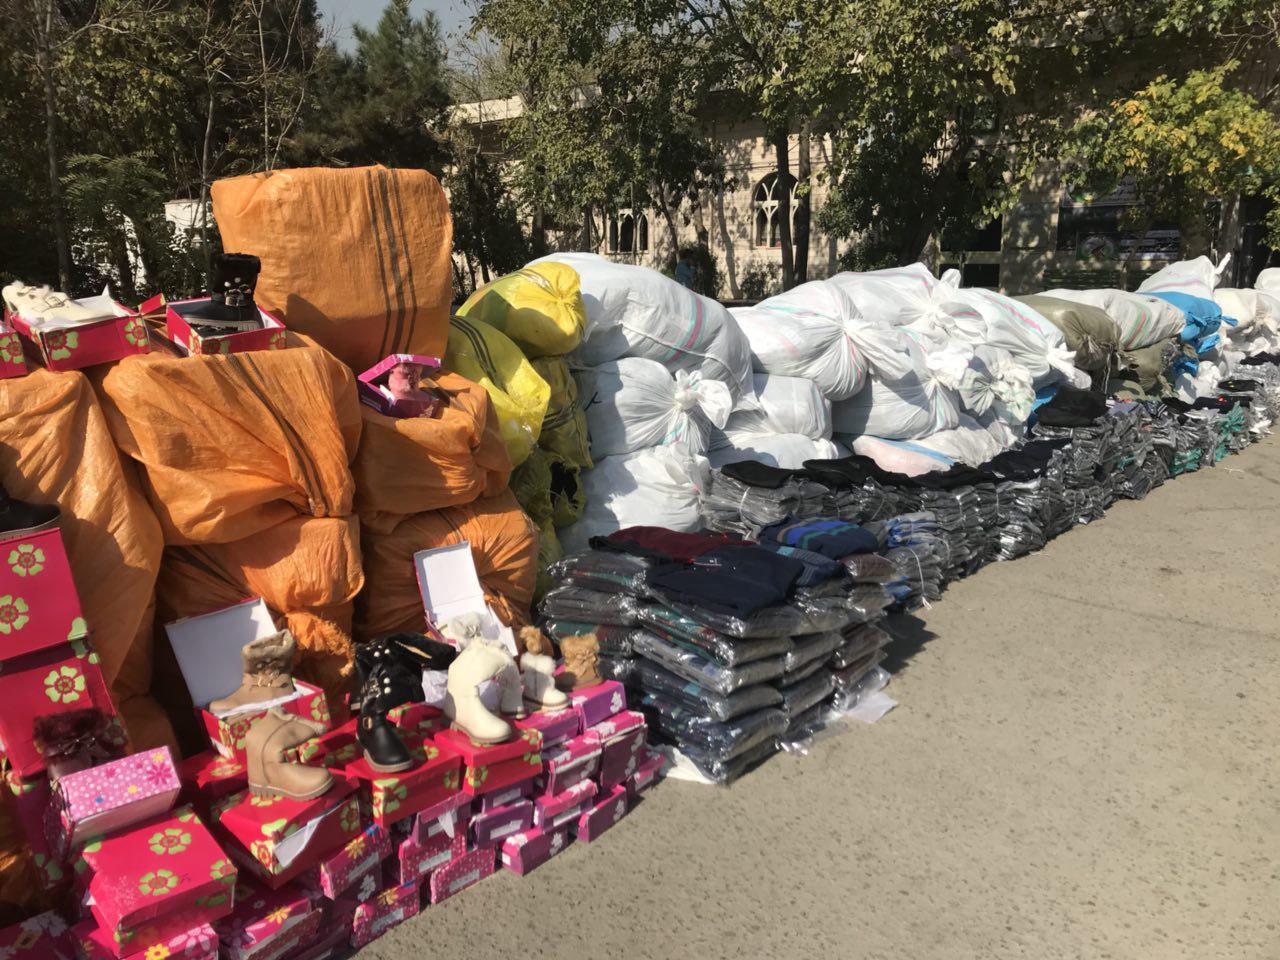 انهدام 33 باند قاچاق کالا و سرقت در طرح ضربتی پلیس/ 110 سارق خشن دستگیر شدند